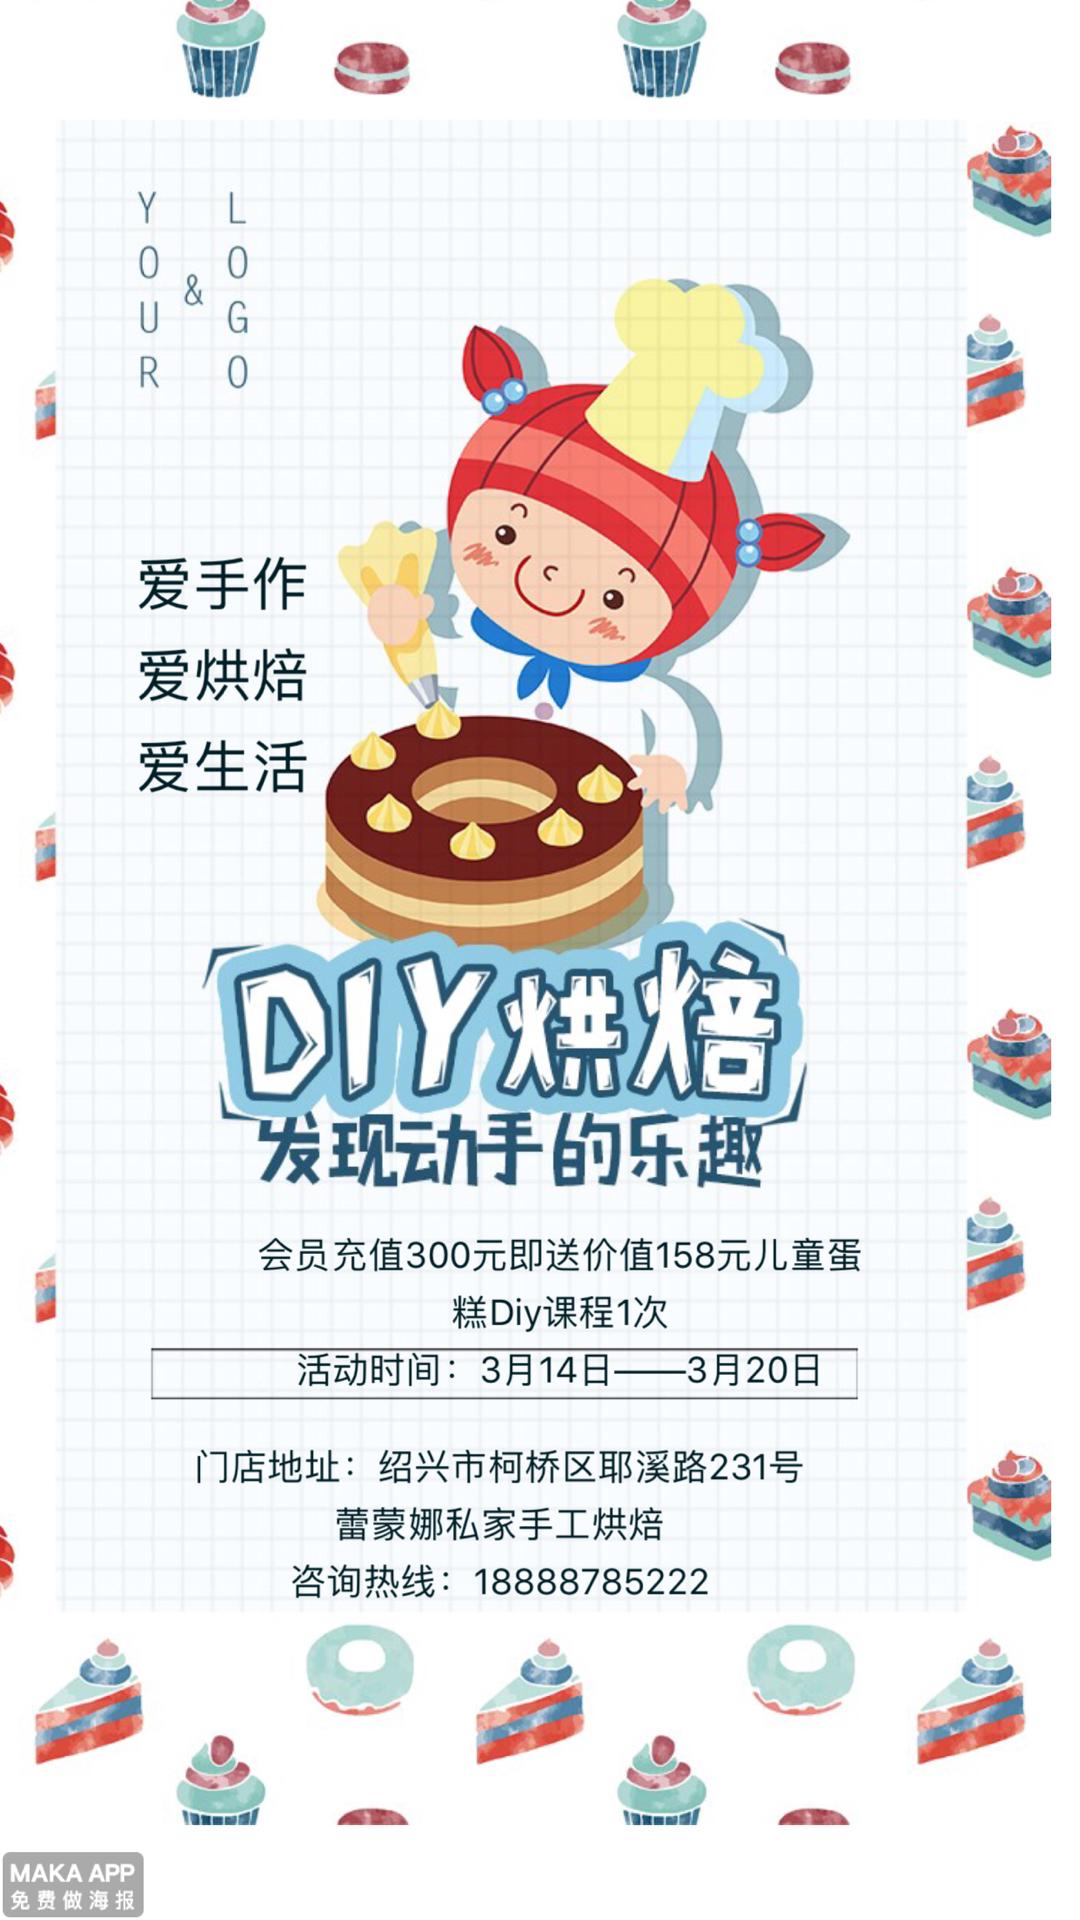 烘焙坊diy甜品活動海報